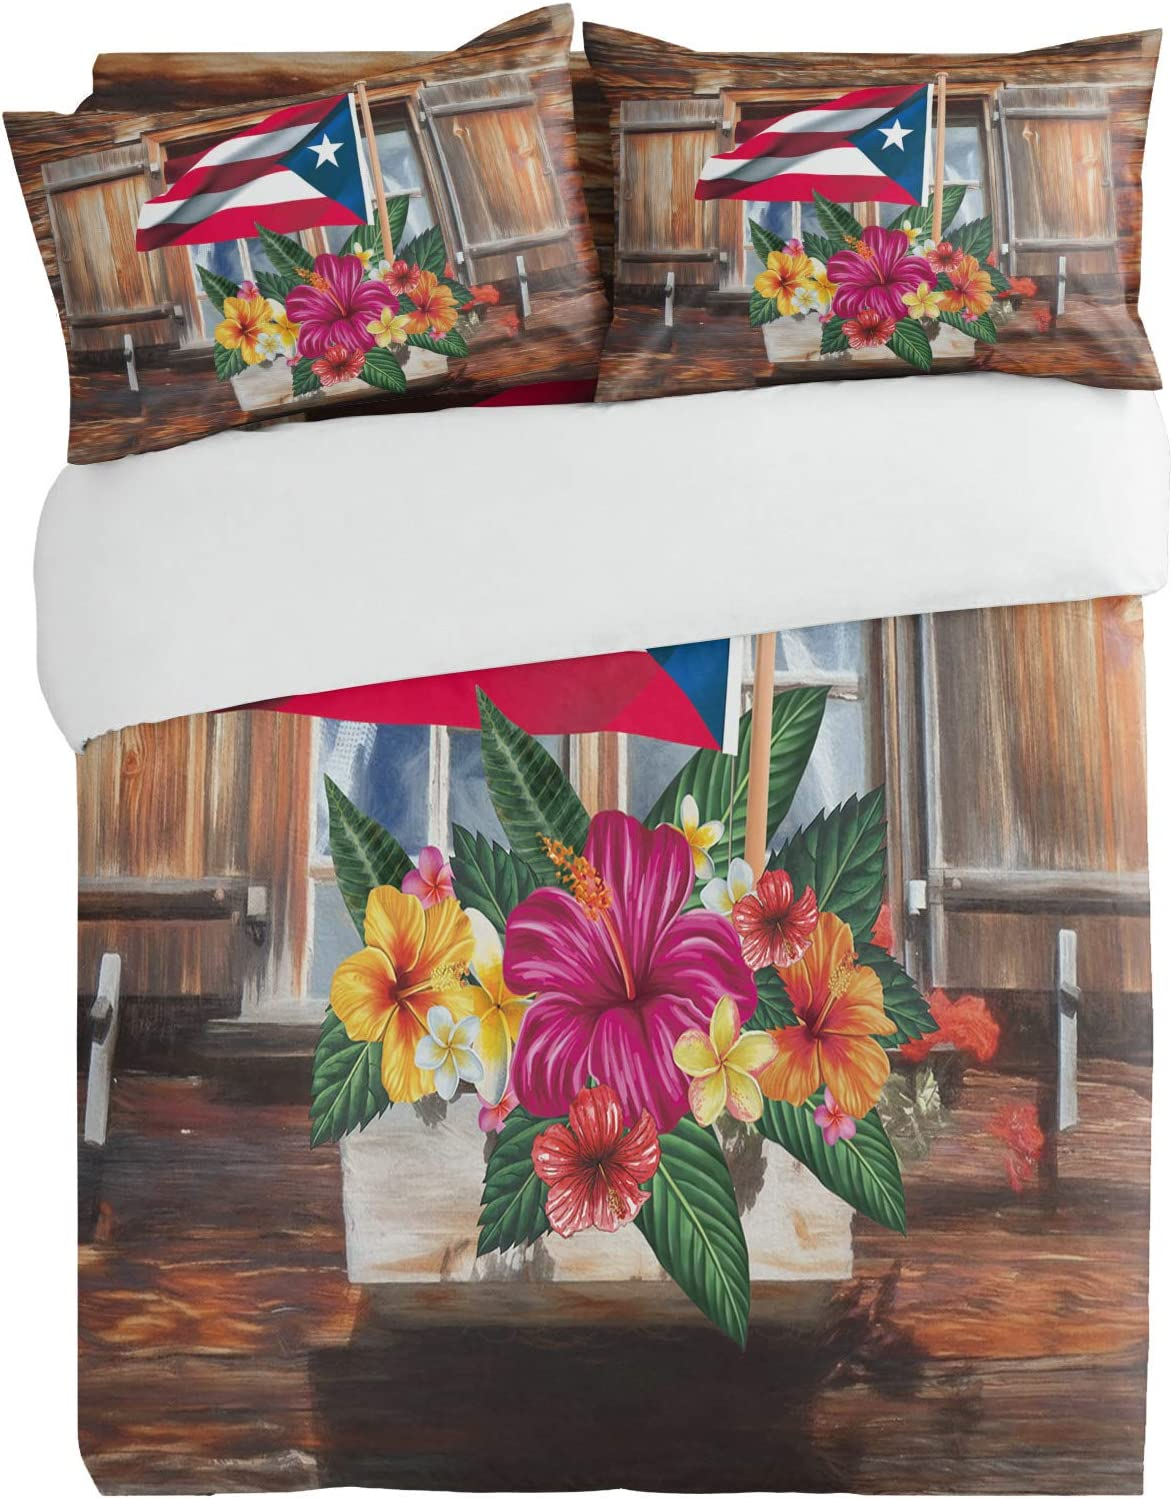 SUN-Shine Sale 3PiecesBeddingDuvetCoverSetVintage Flower OFFer Wooden